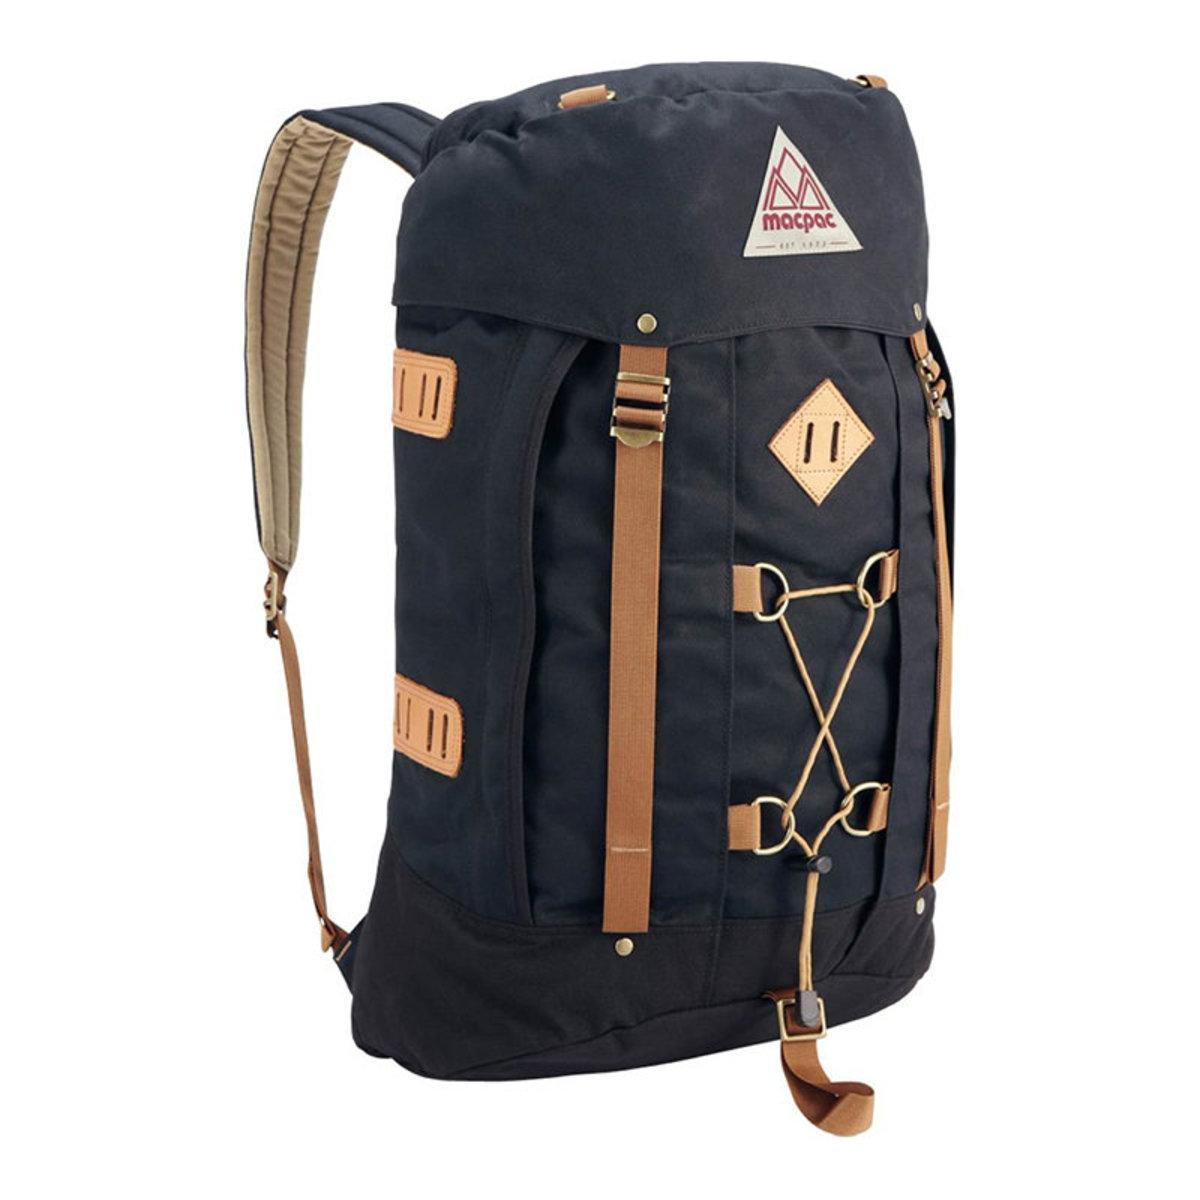 背囊 - GECKO 1973 35L AzTec® Backpack